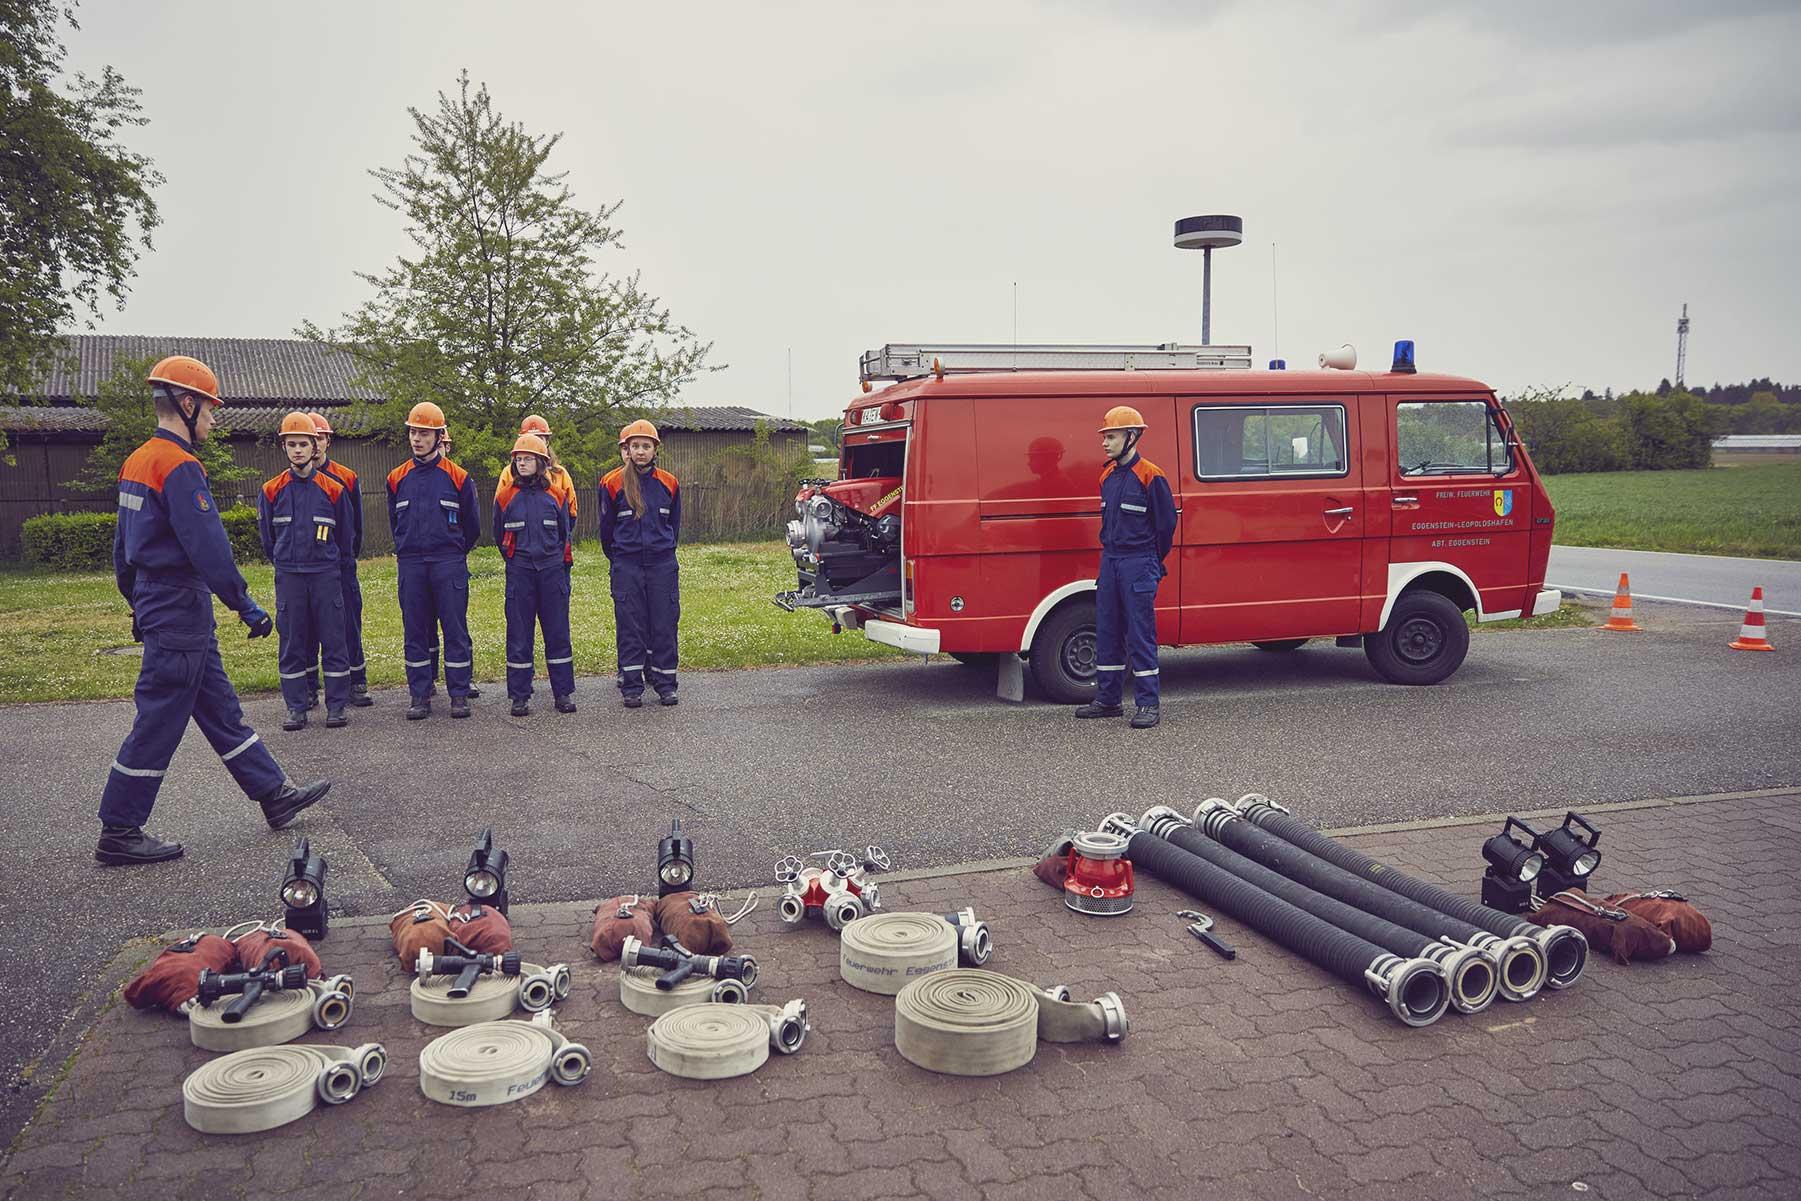 jugendfeuerwehr feuerwehrbung - Feuerwehrubungen Beispiele